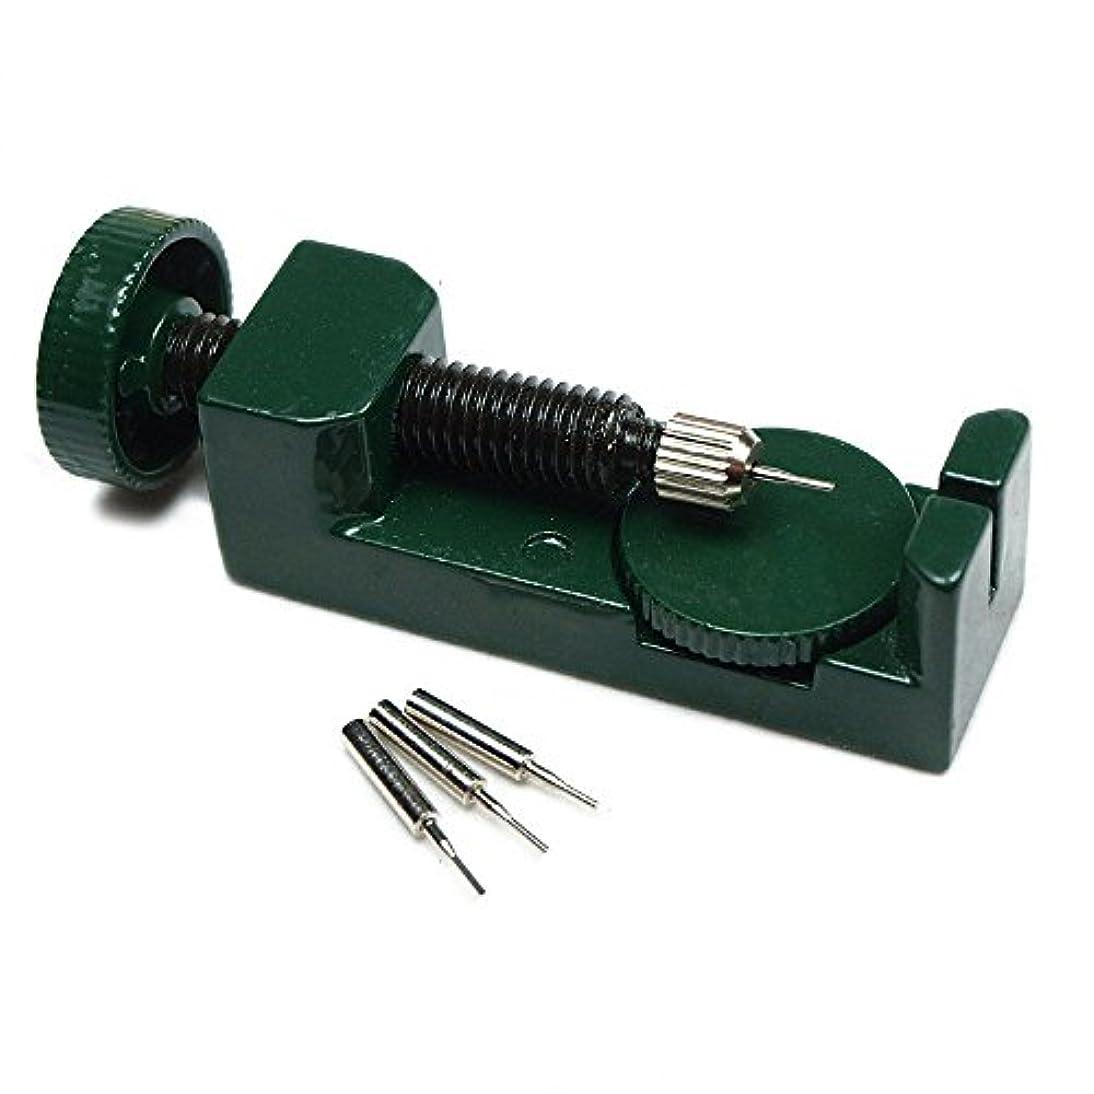 ええコンパイル学習Metal Link Pin Remover Adjuster Watch Band Bracelet Strap Free Parts Repair Tool by Generic